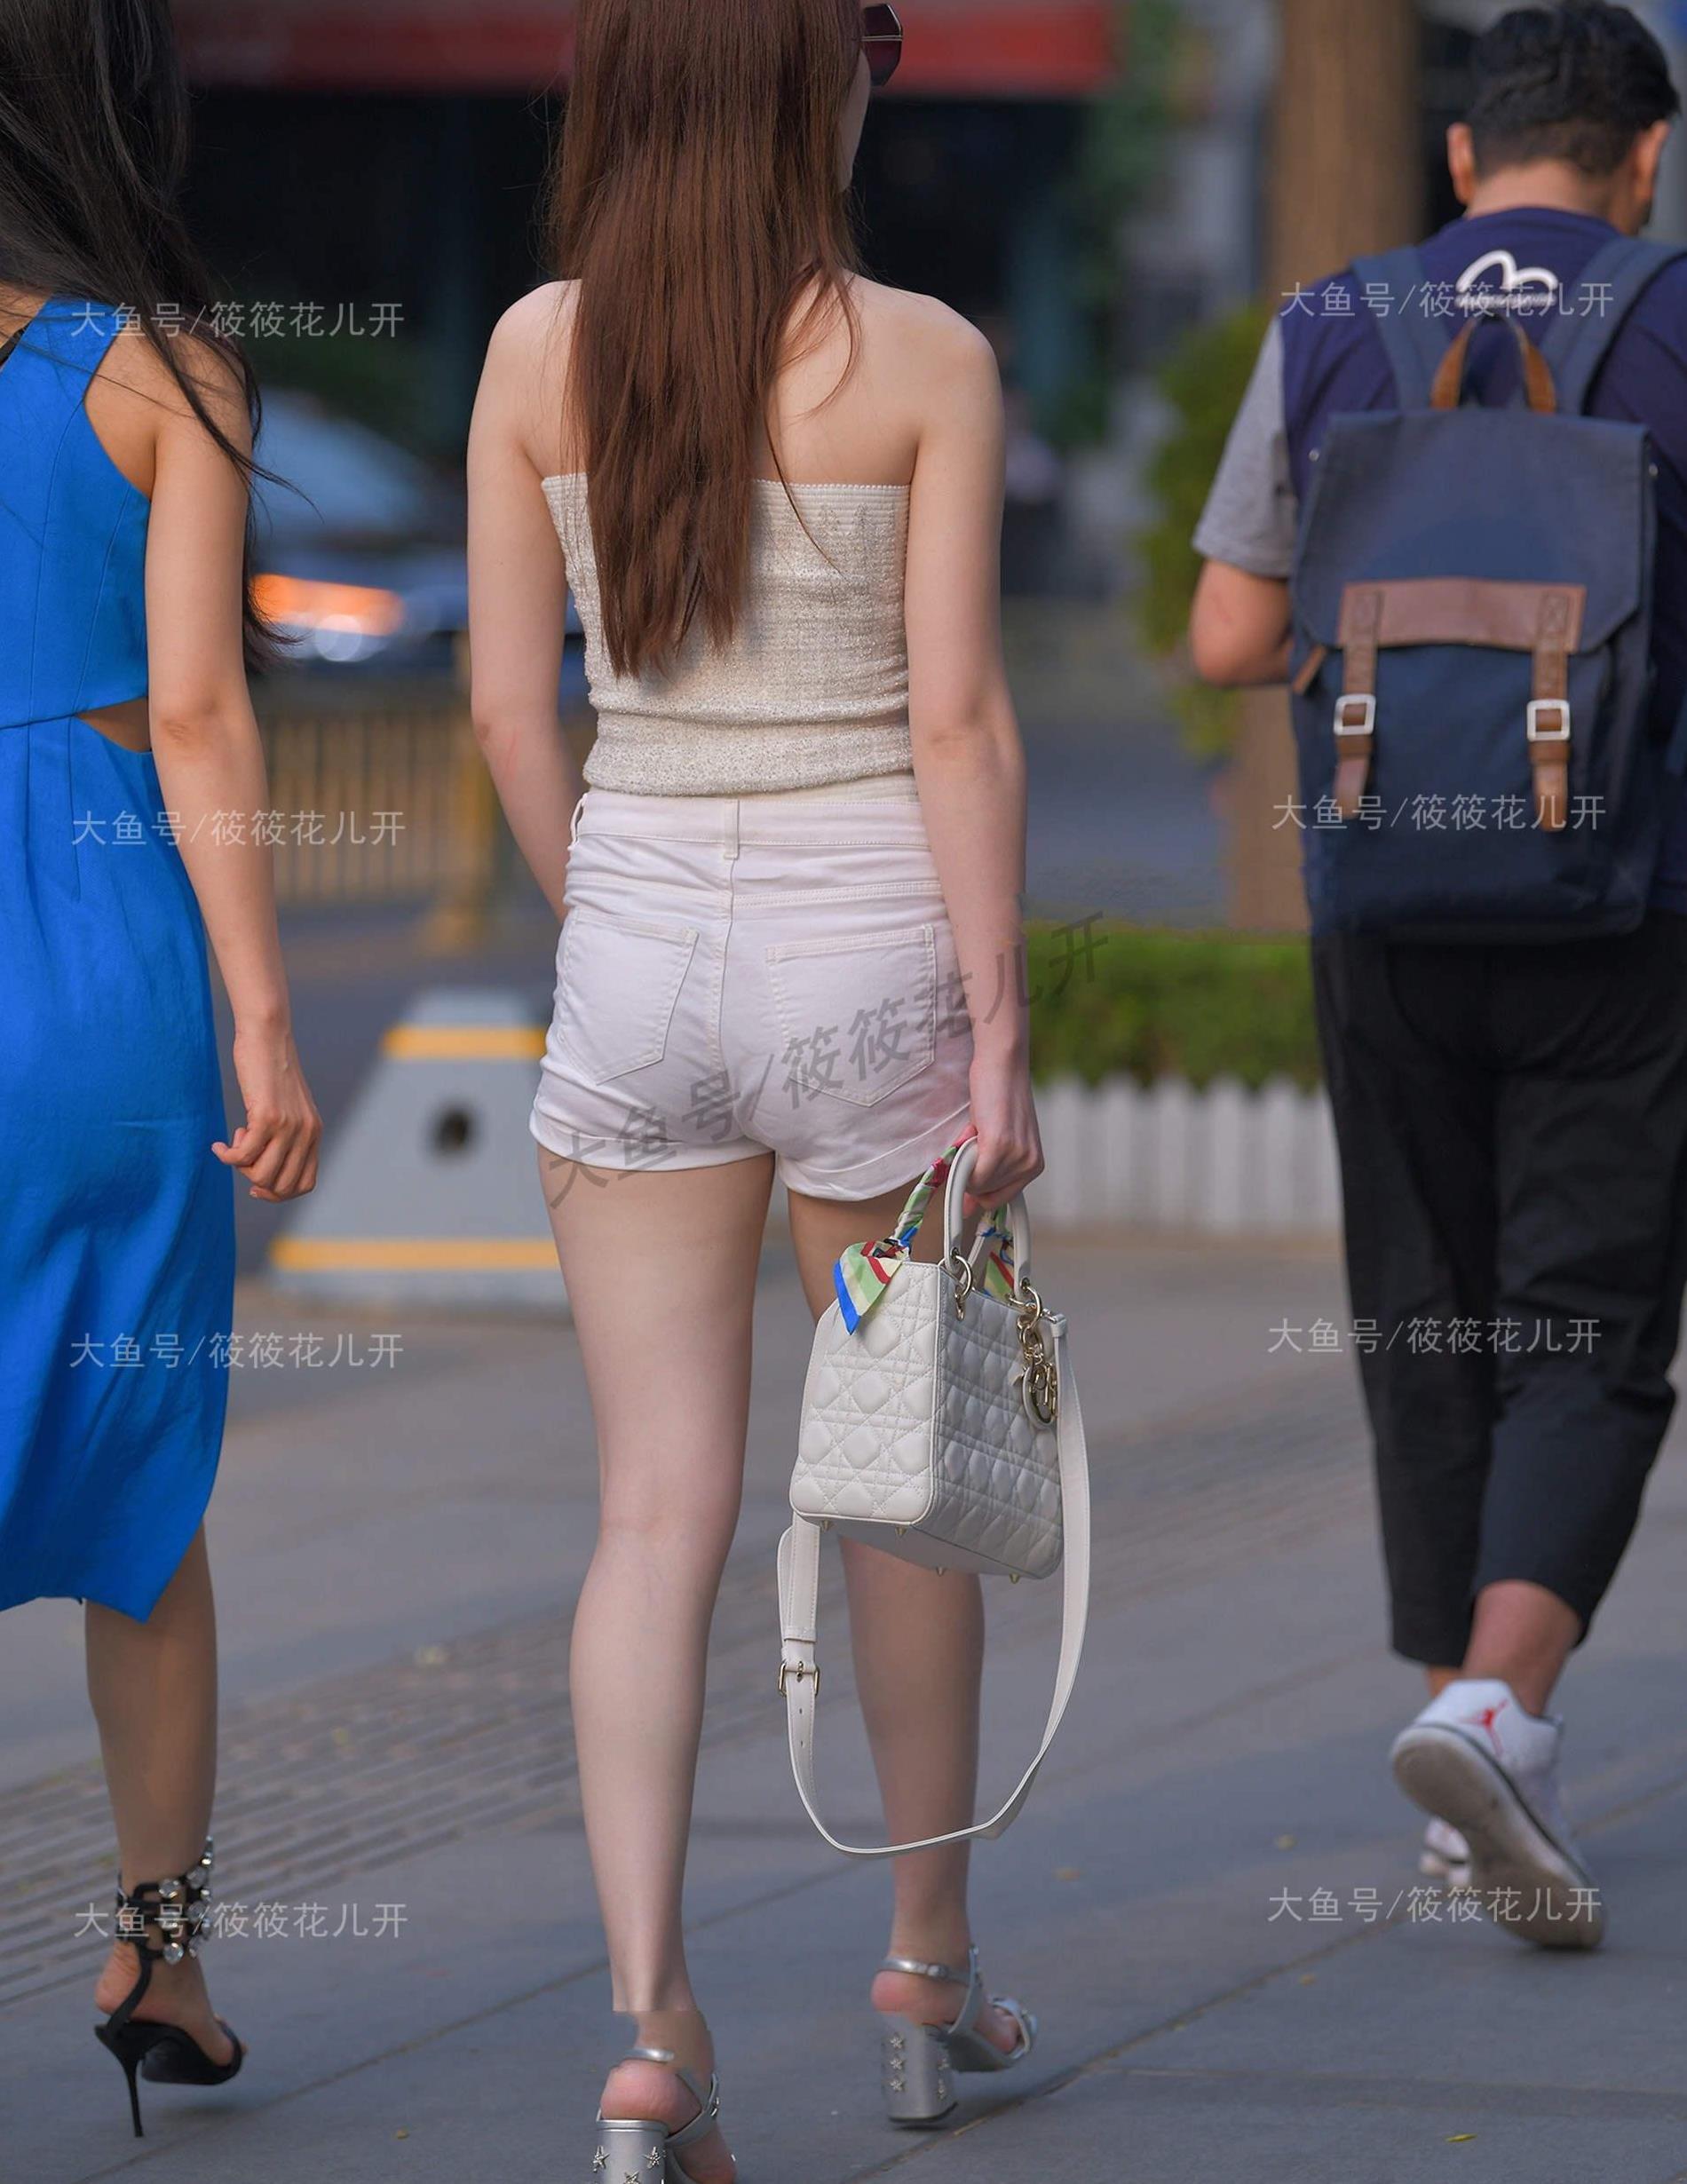 蓝色连体裙VS抹胸配短裤,一个时尚优雅,一个简单大方